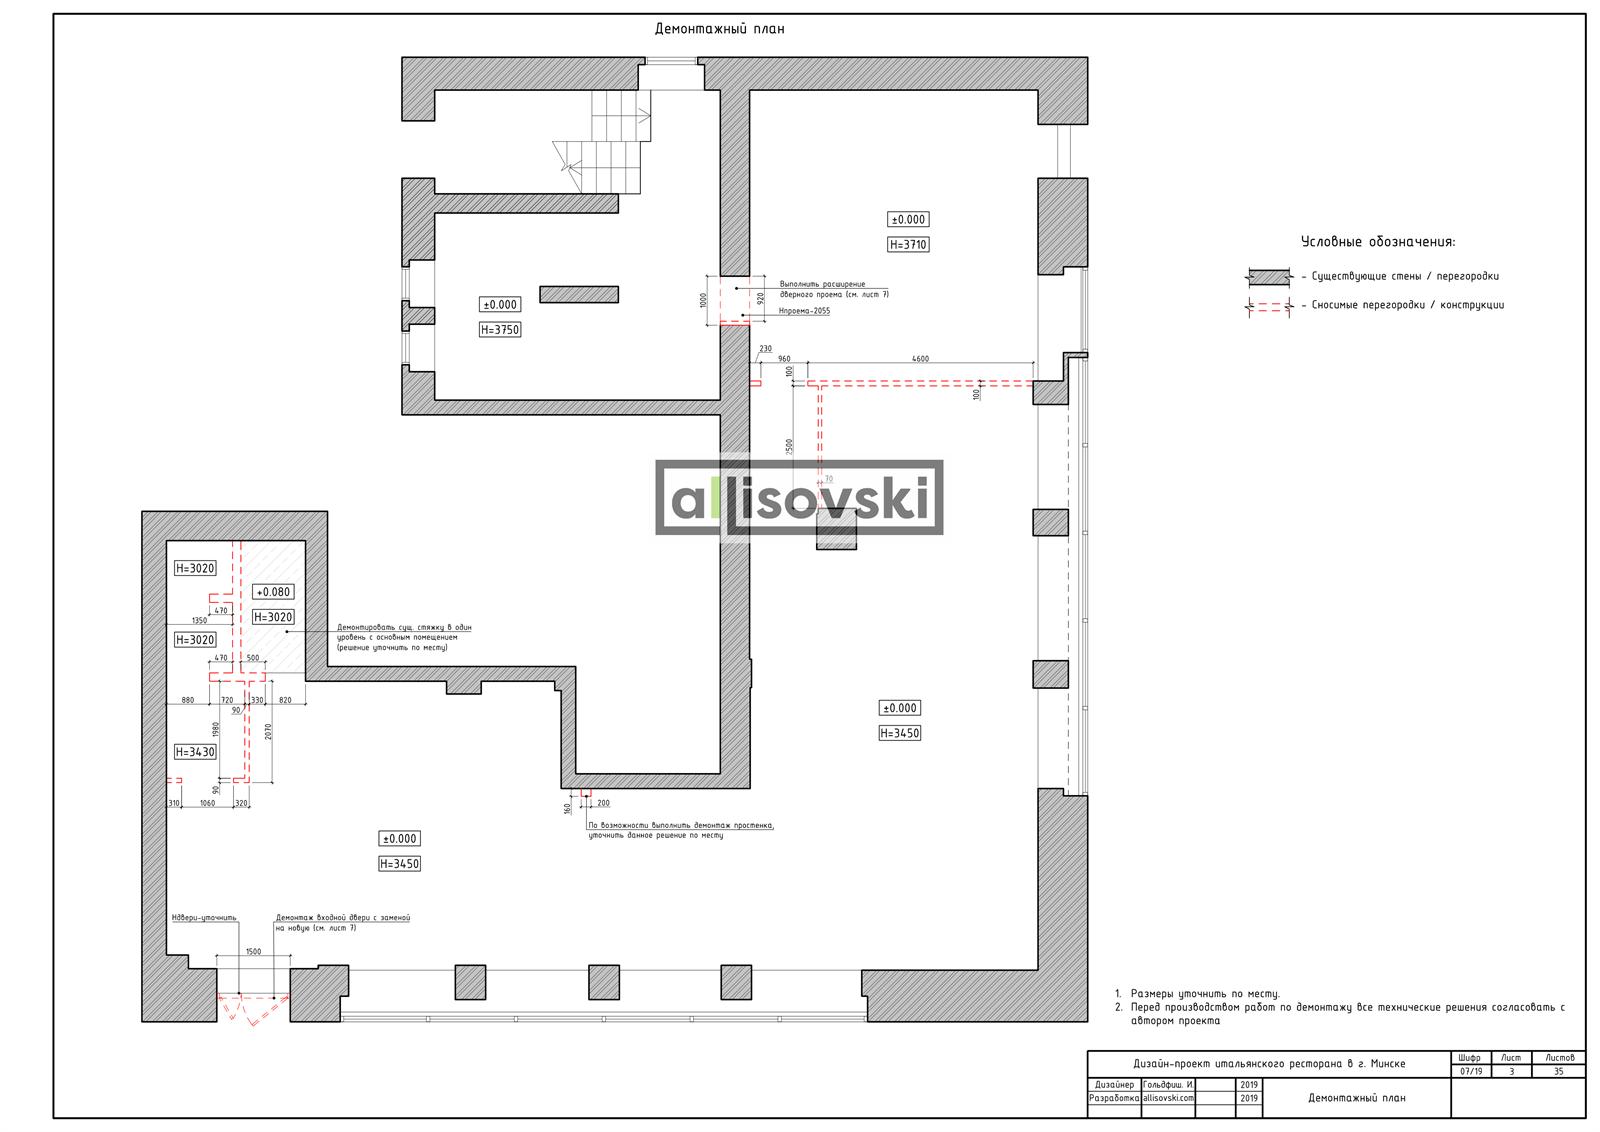 Демонтажный план ресторана